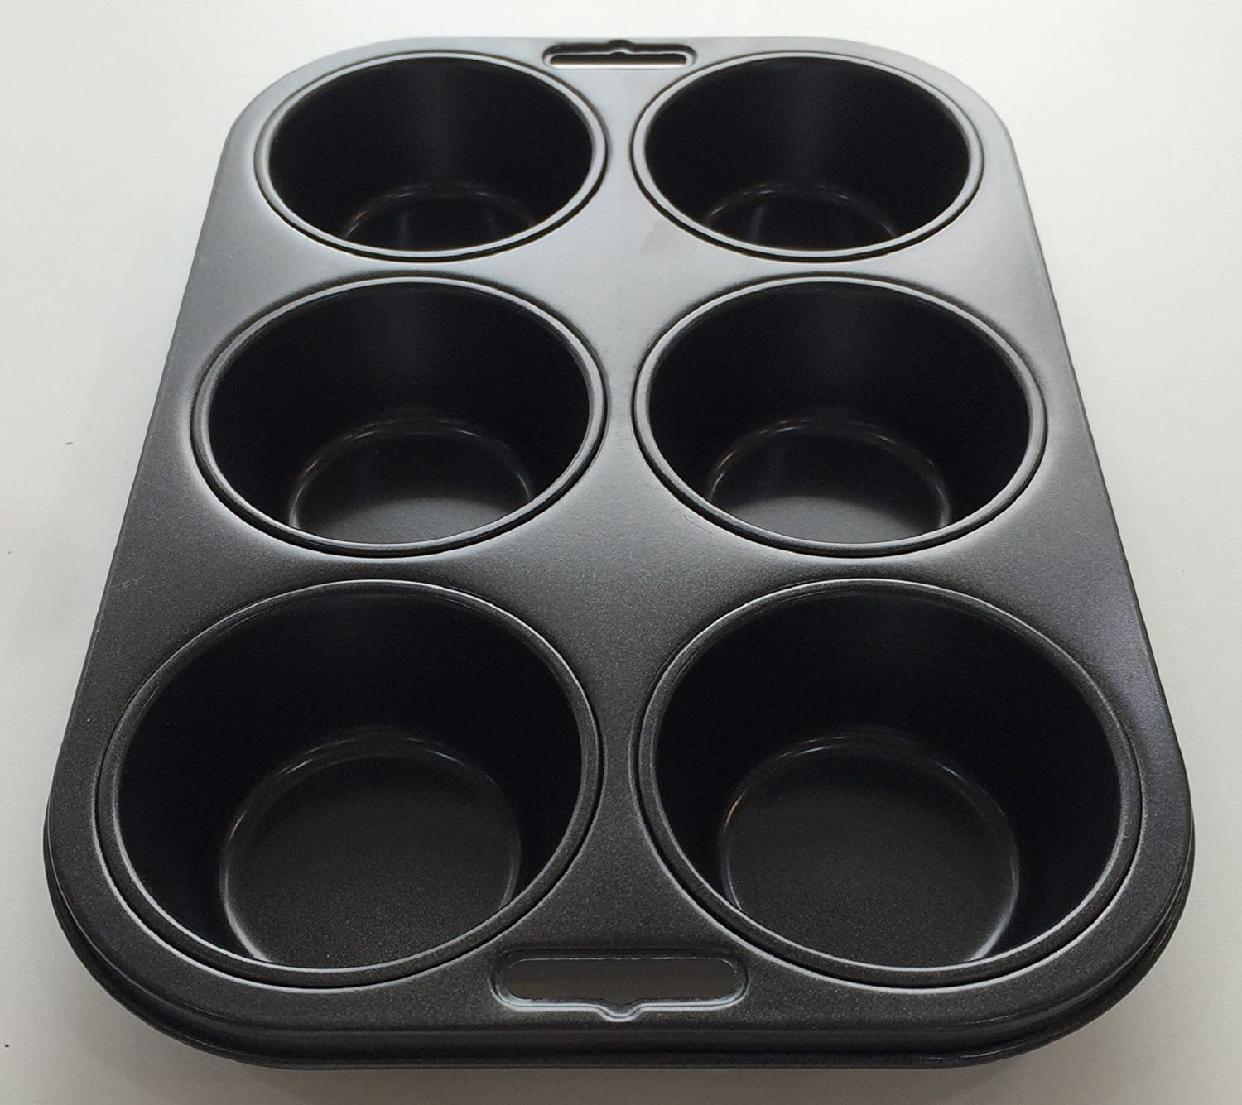 EEスイーツ(イーイースイーツ)マフィン型 D-4838 ブラックの商品画像2